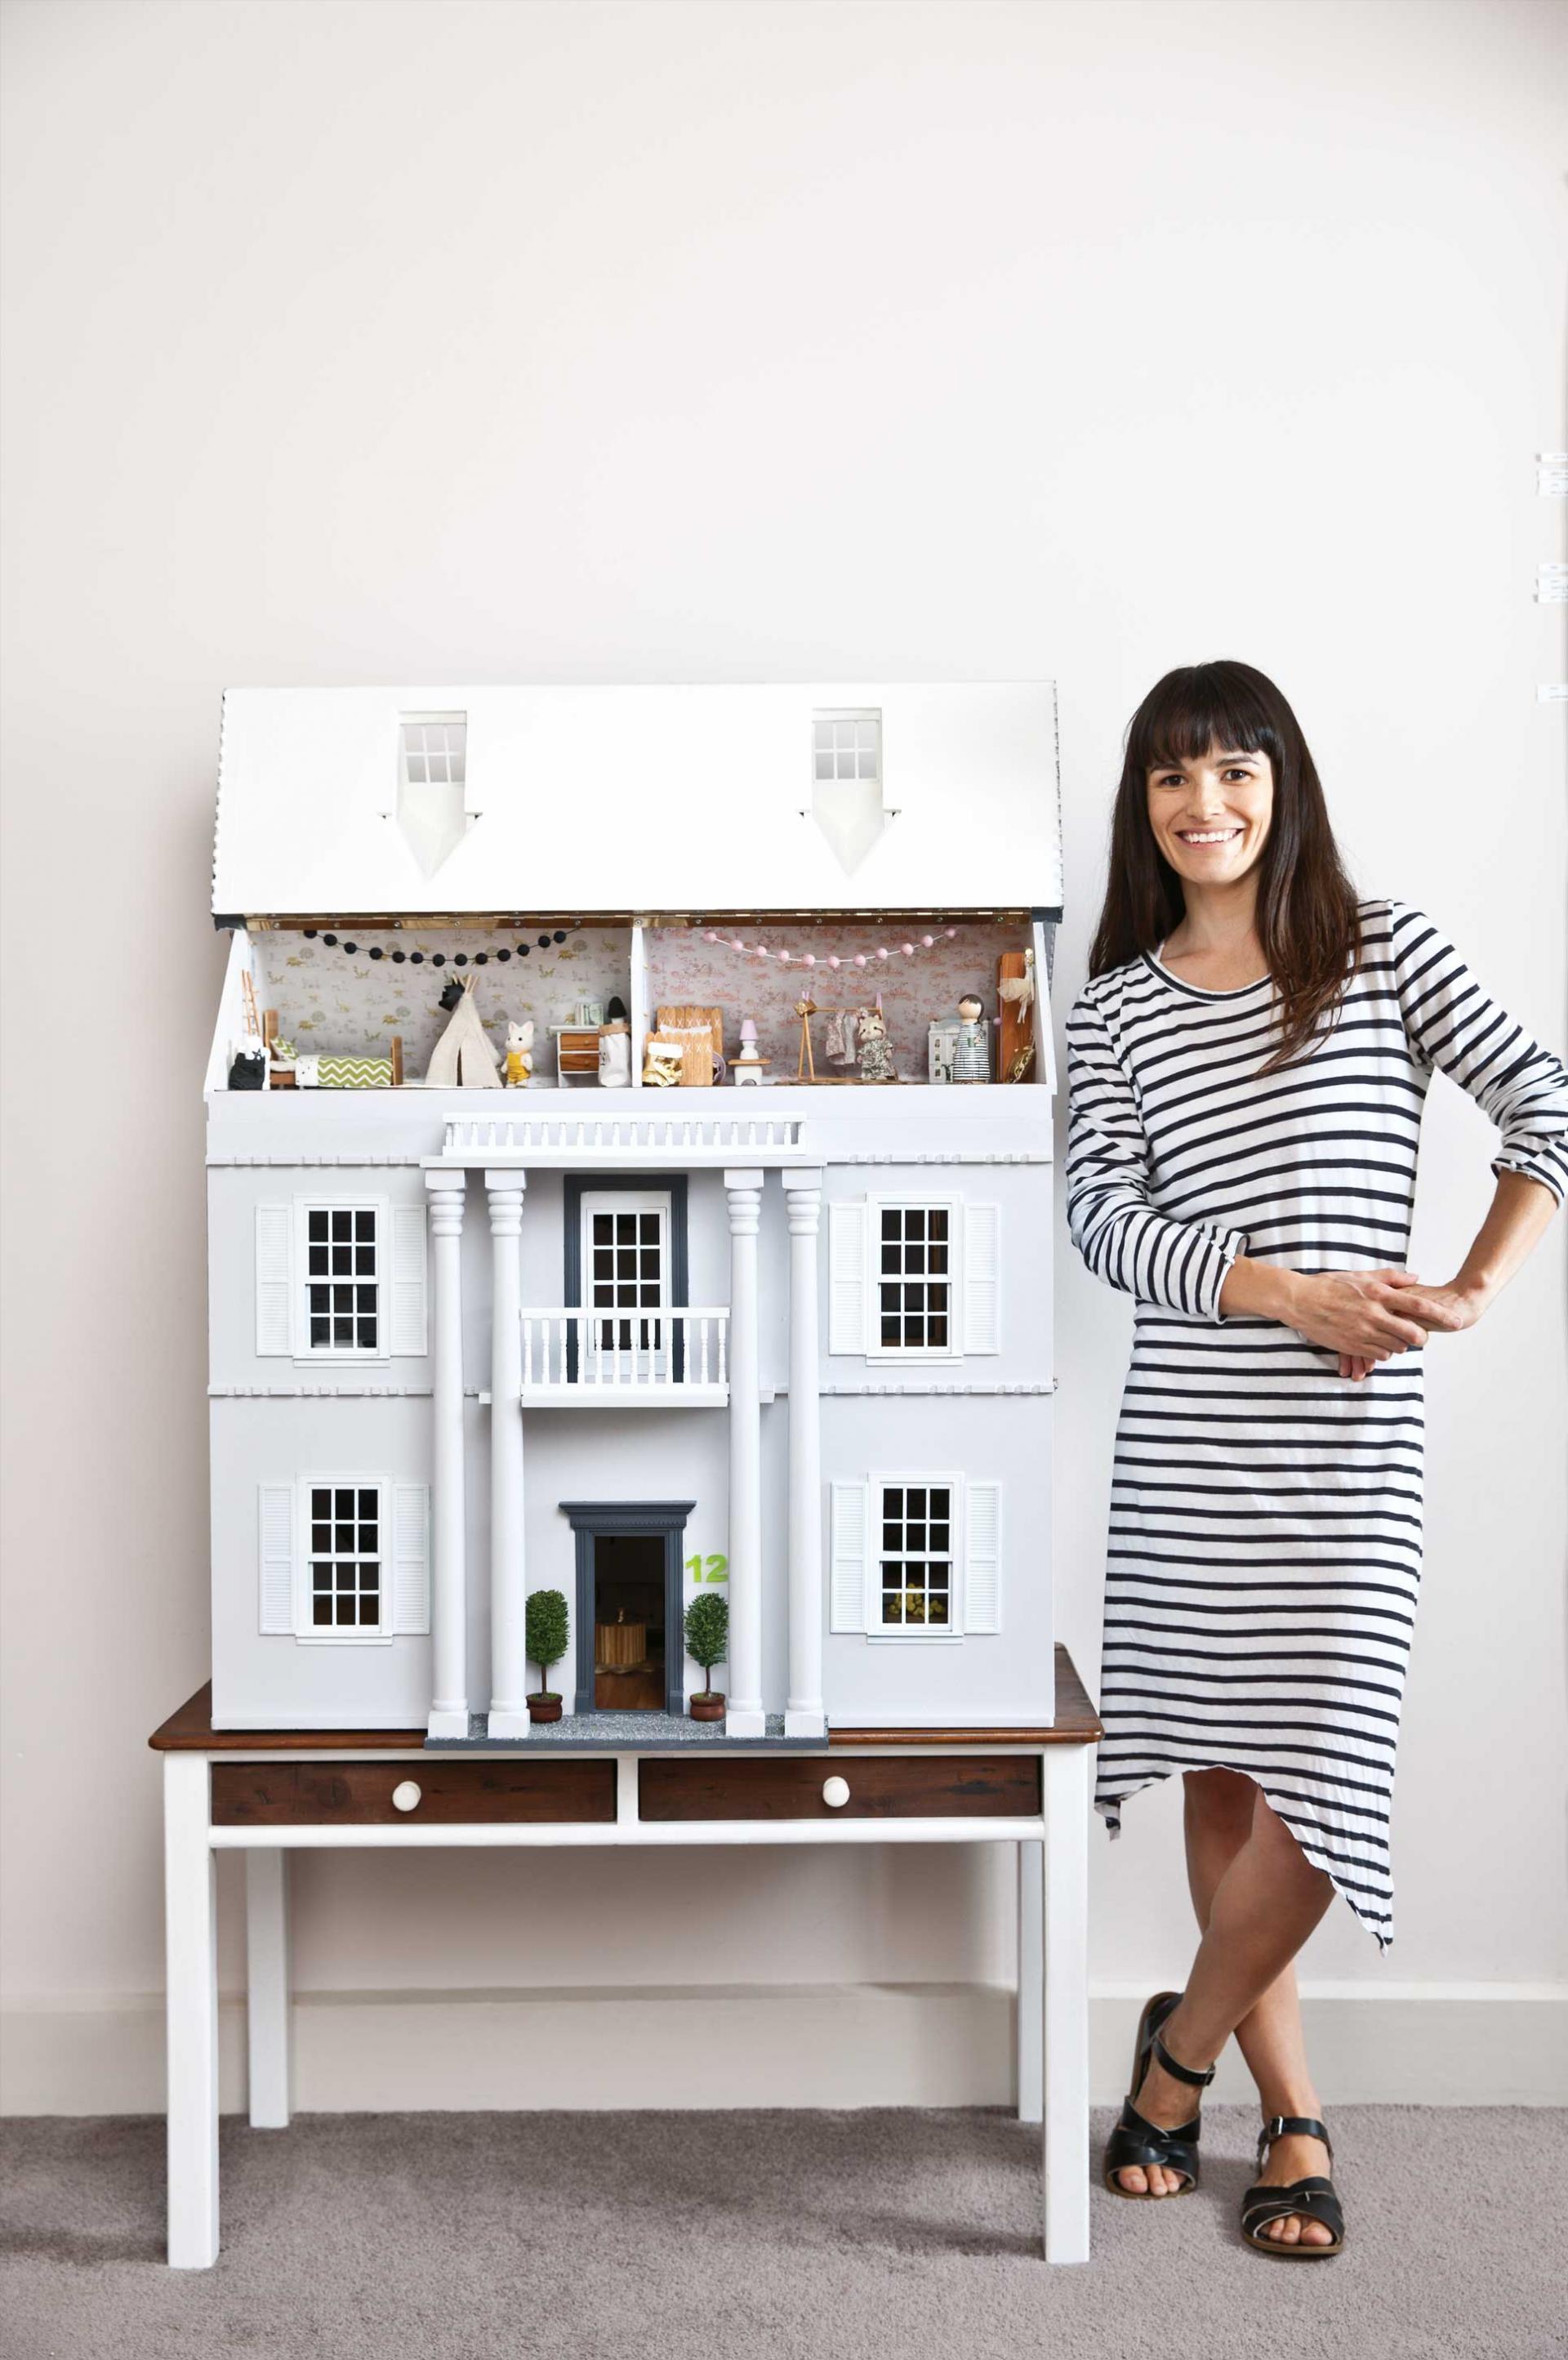 ¡Por favor qué monada! Una casa de muñecas más moderna que la tuya